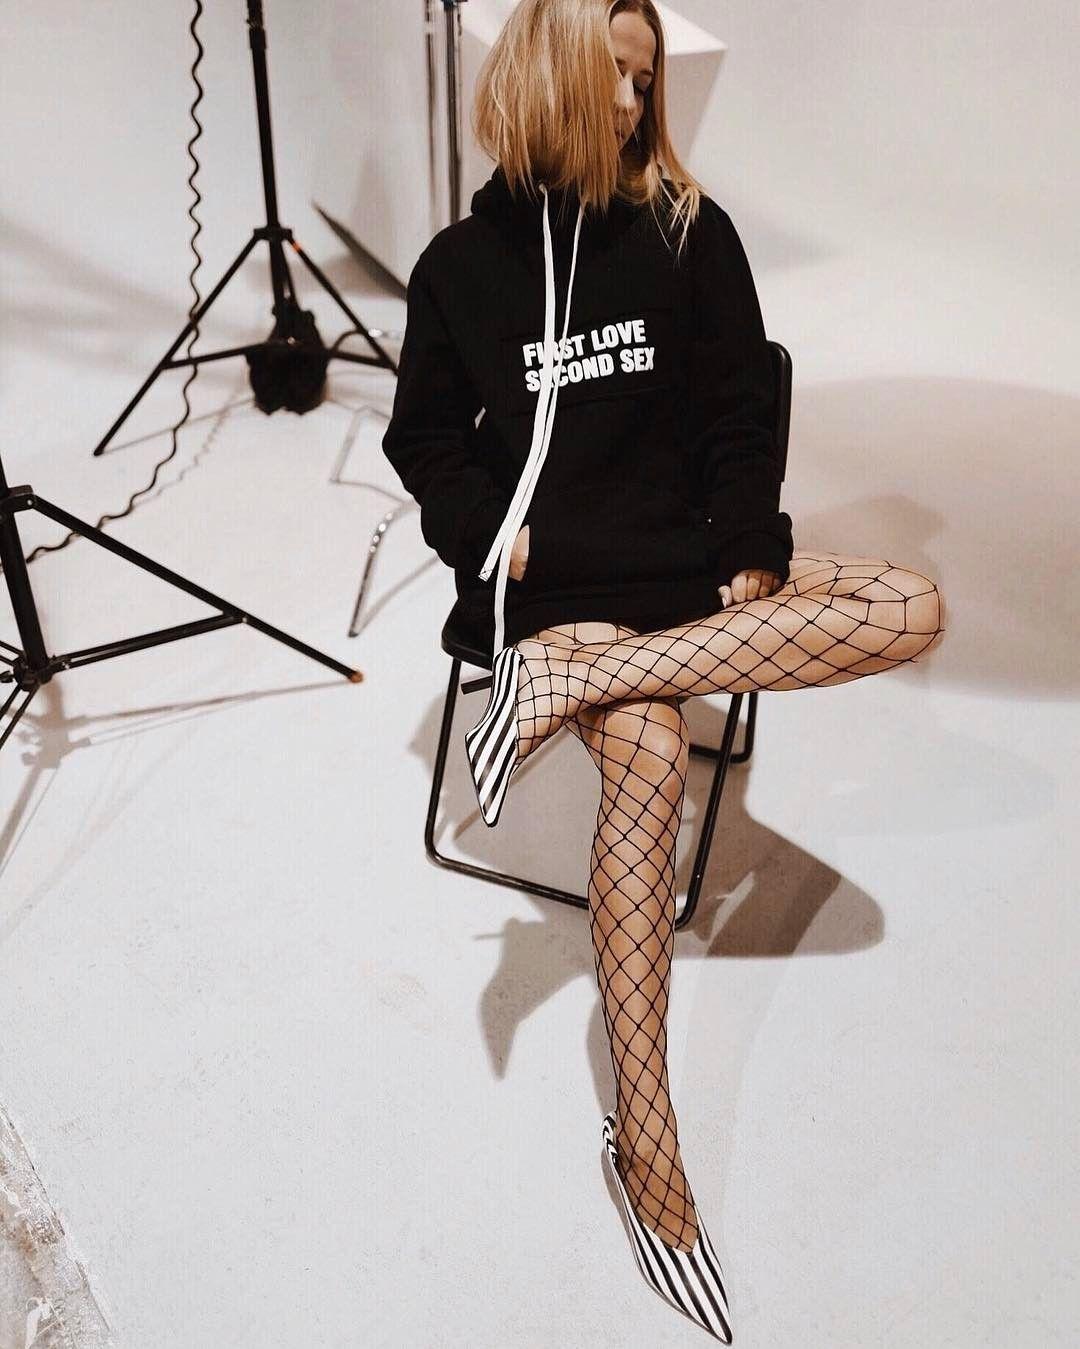 Zobacz Na Instagramie Zdjecia I Filmy Uzytkownika Jessica Mercedes Kirschner C Jemerced Street Style Trends Fashion Clothes